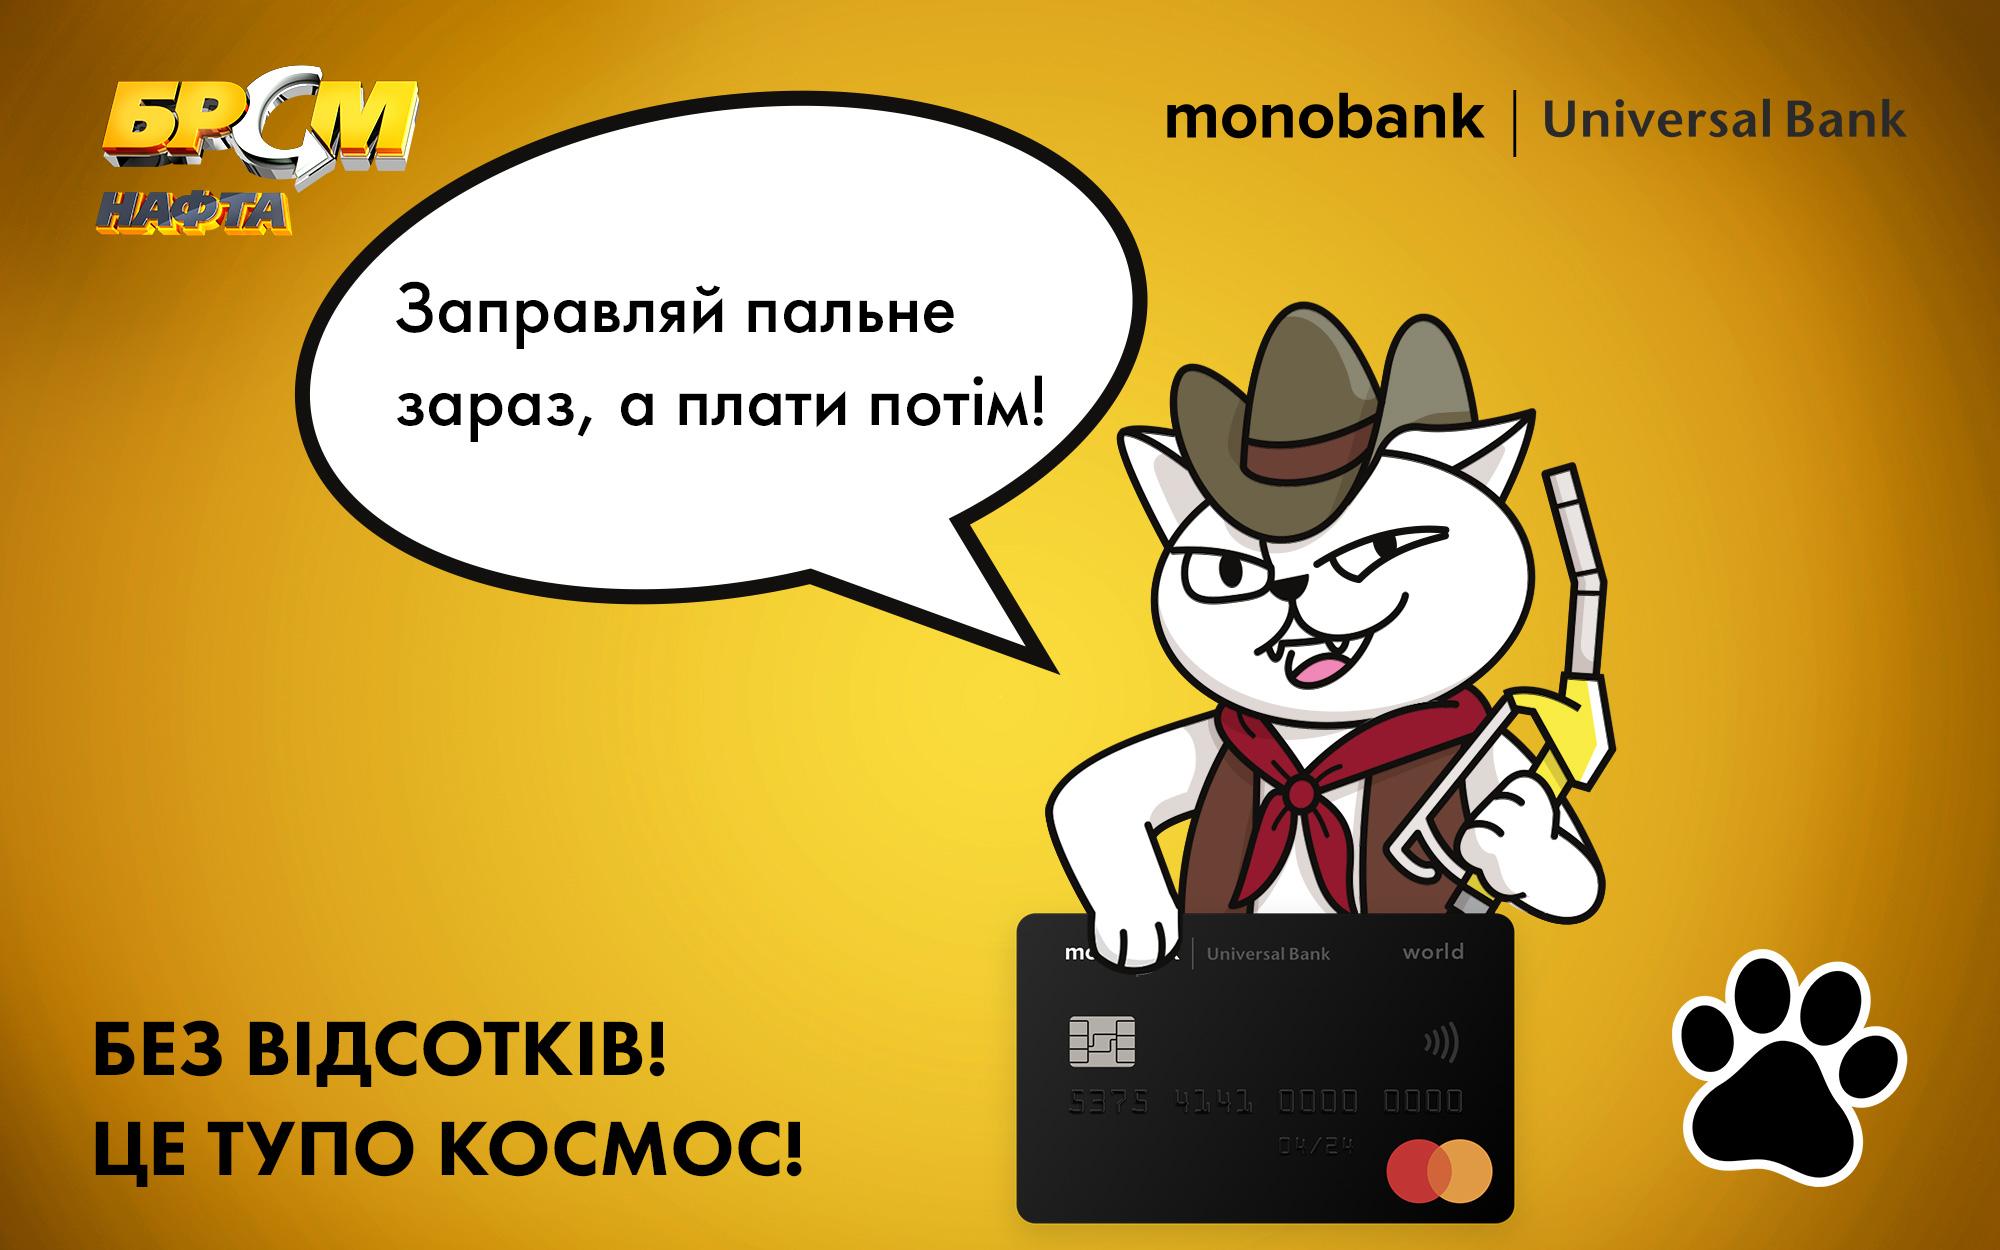 Сеть АЗК «БРСМ-Нафта» в партнерстве с Monobank запустила сервис заправки авто в рассрочку